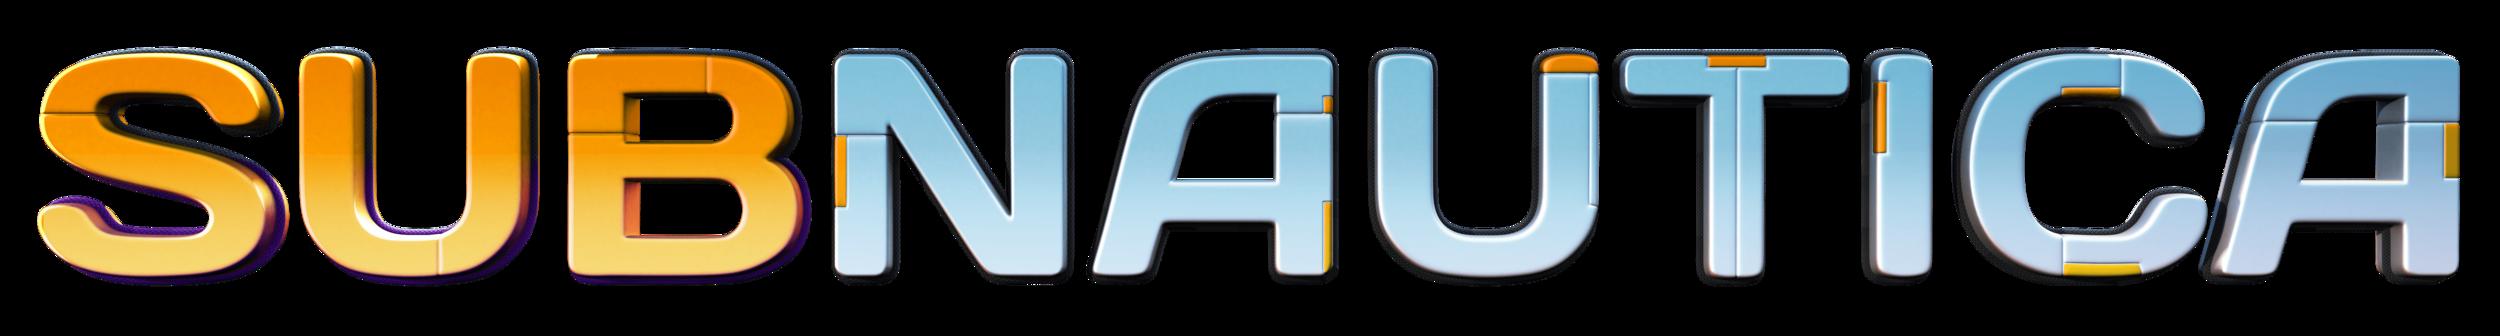 subnautica logo.png